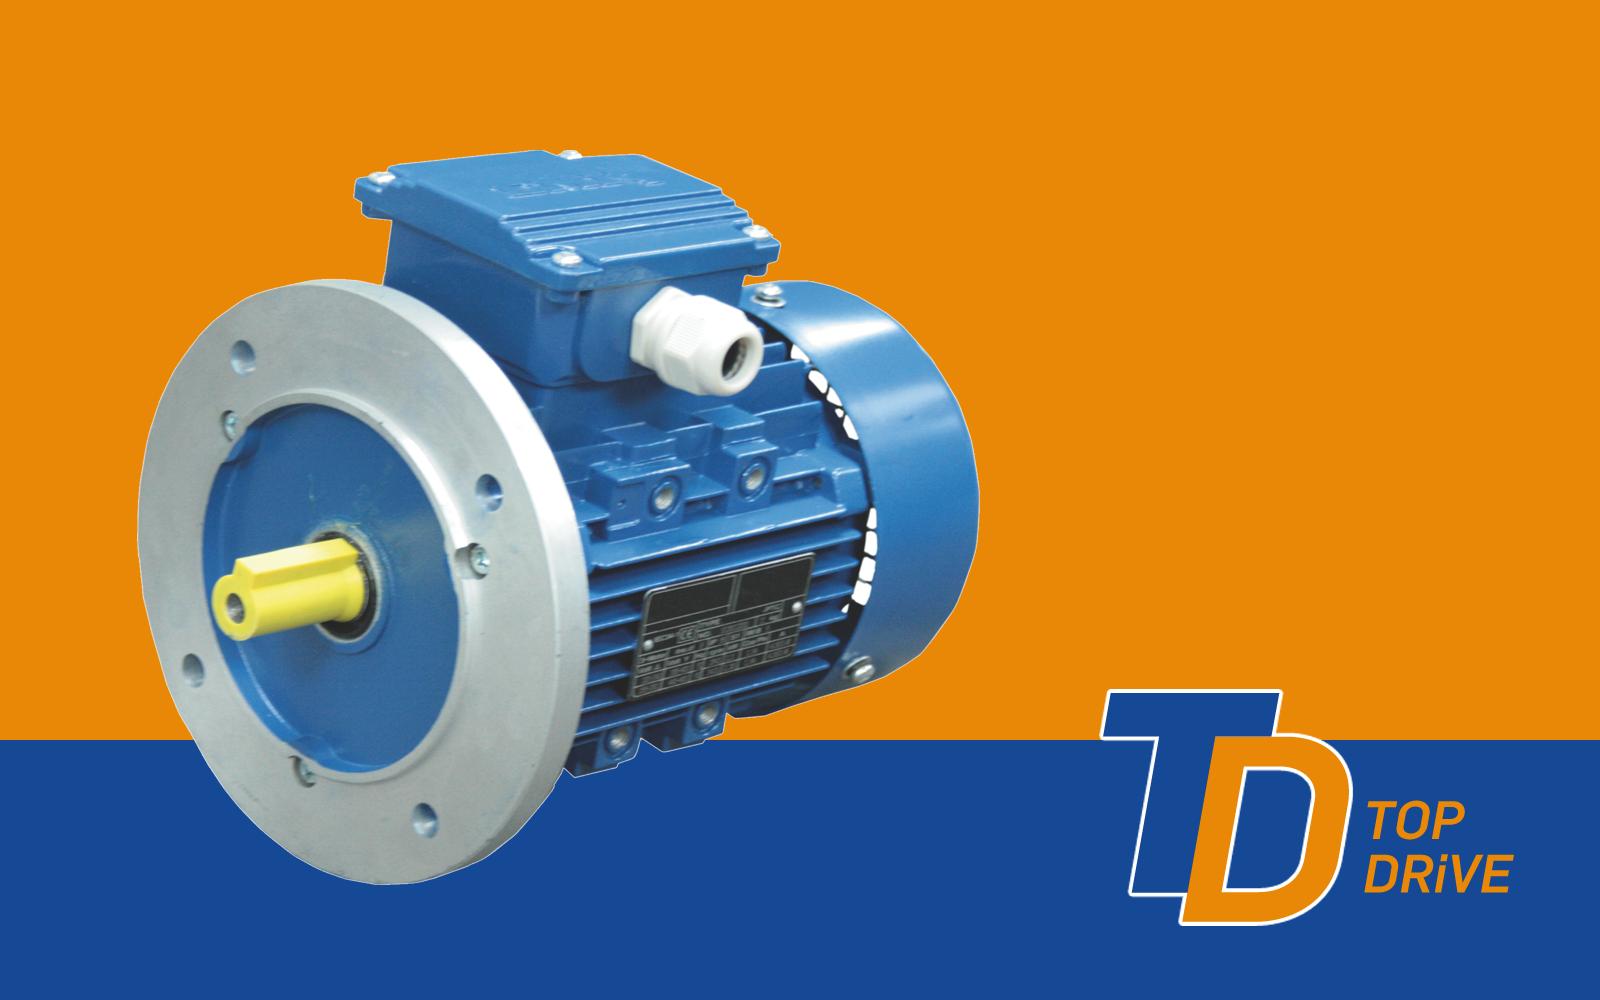 Elektromotor 4 kW 28 mm Welle Drehstrommotor 3000 U//min B3 Kompressormotor 400V